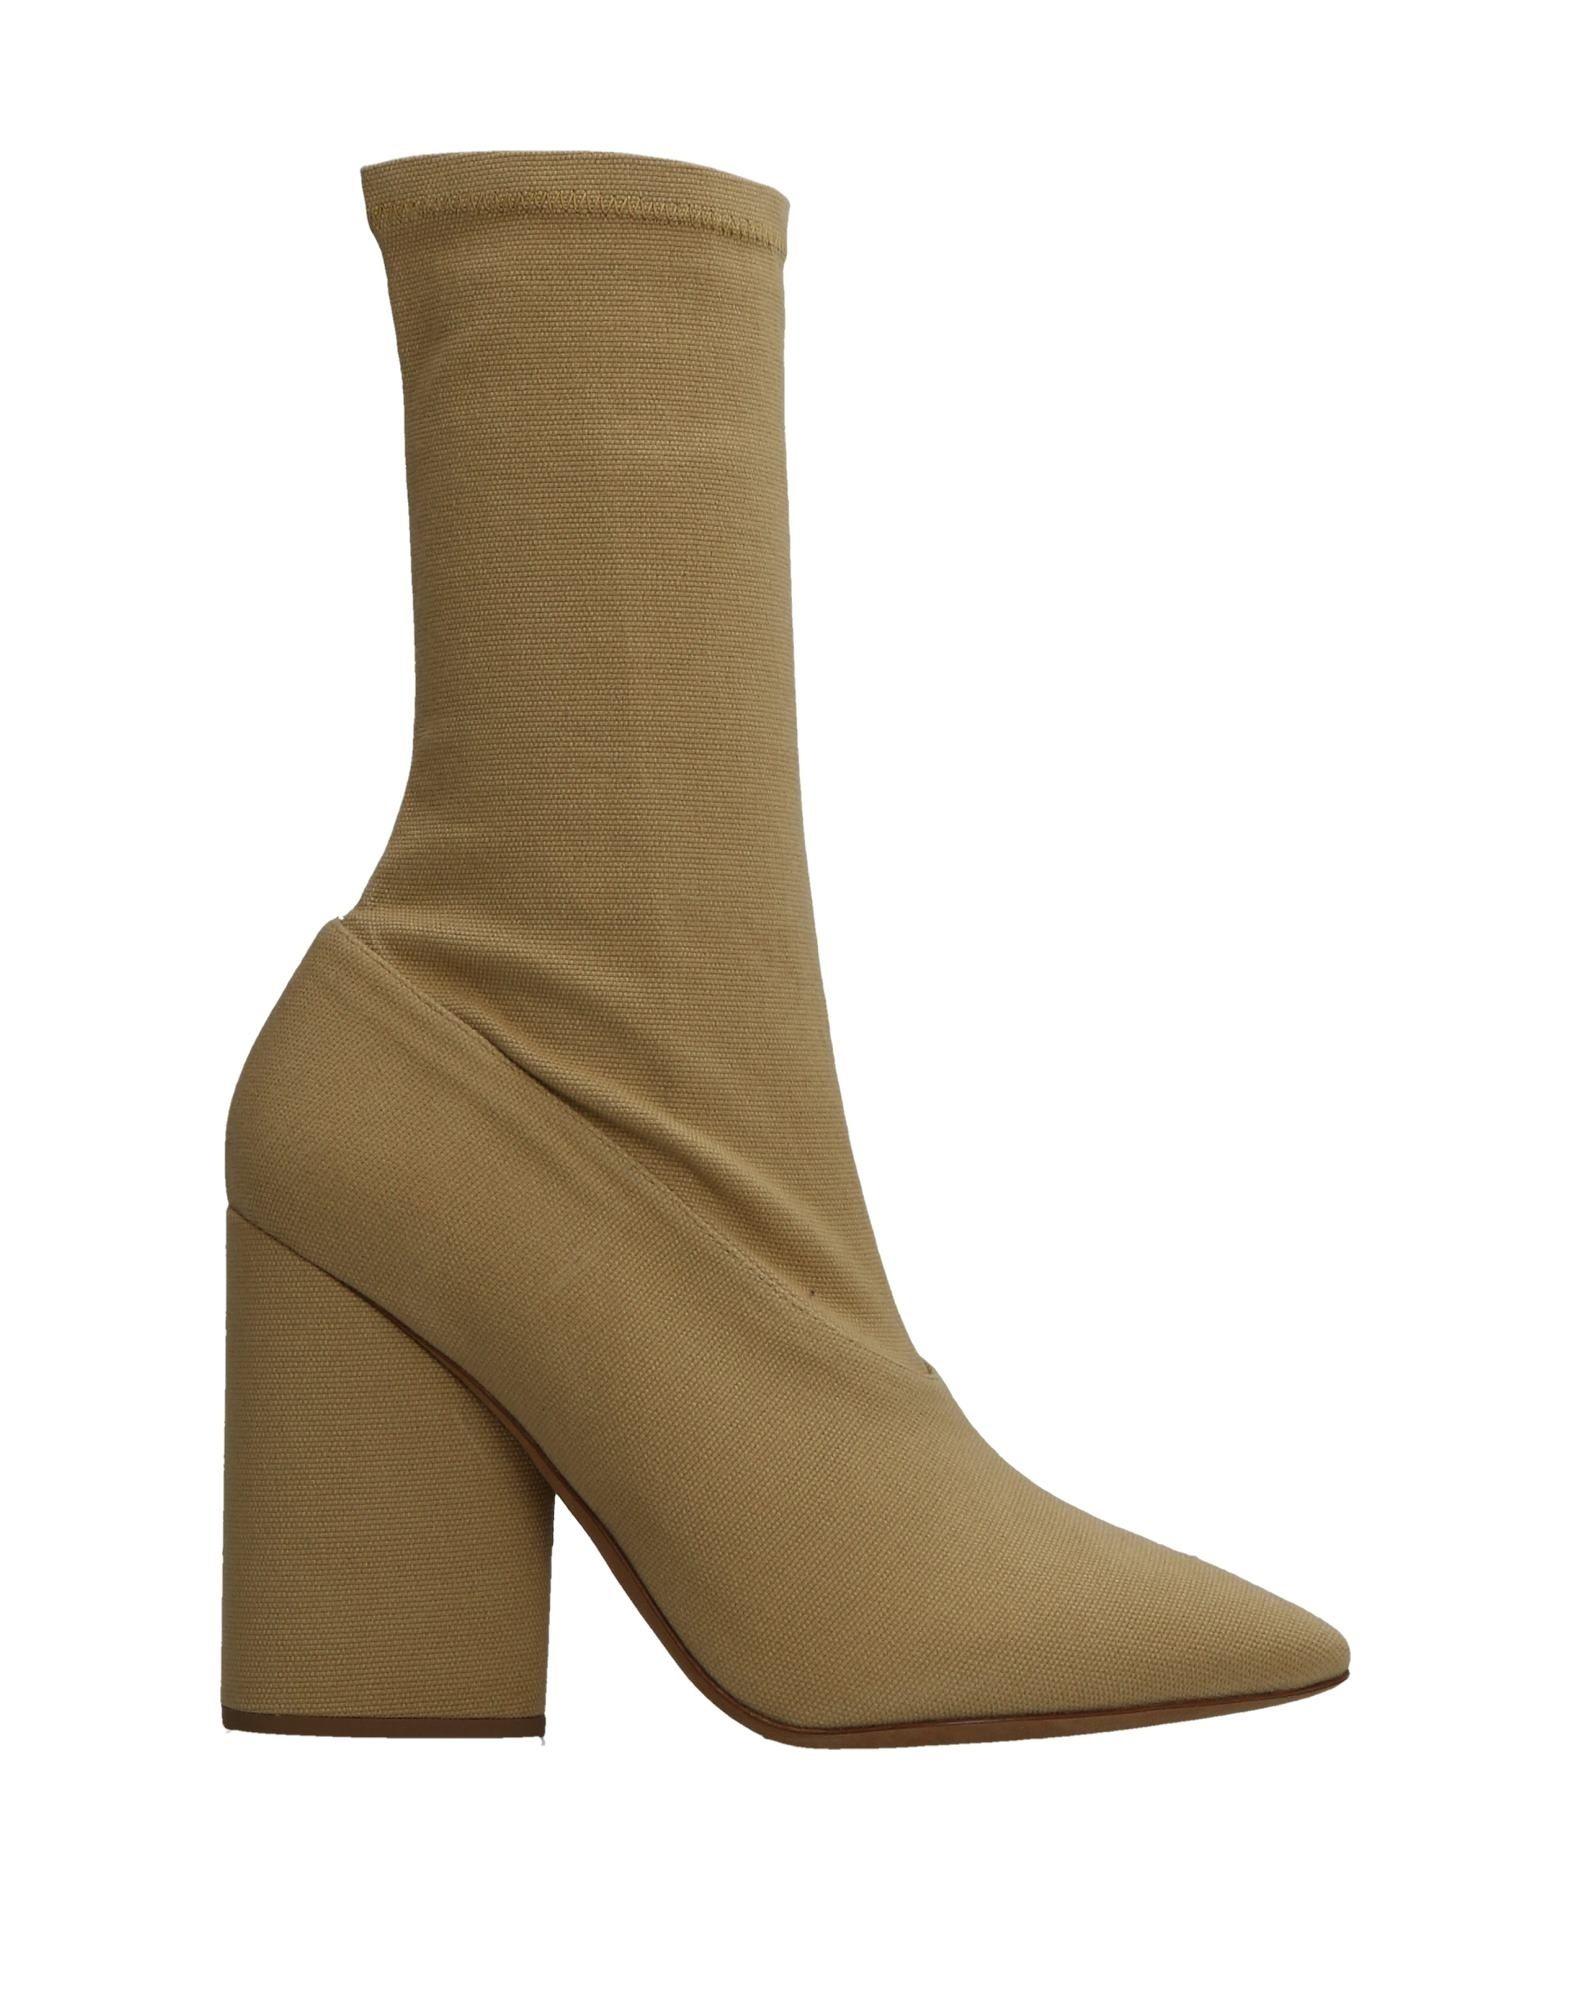 Yeezy Stiefelette Damen gut  11519198BGGünstige gut Damen aussehende Schuhe 93bab0